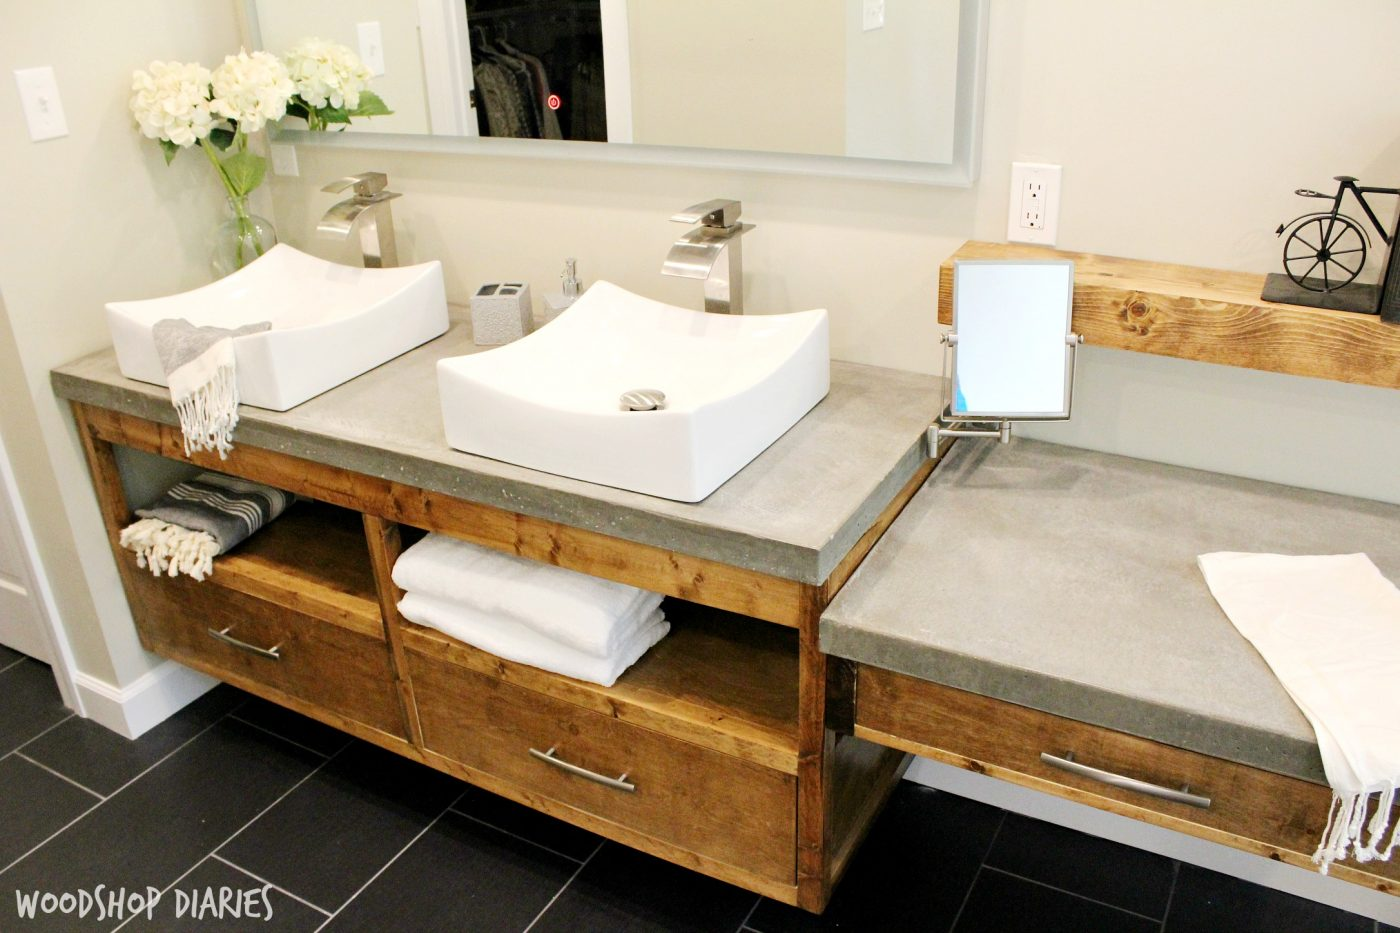 Woodshop Diaries Floating Bathroom Vanity - Woodshop Diaries